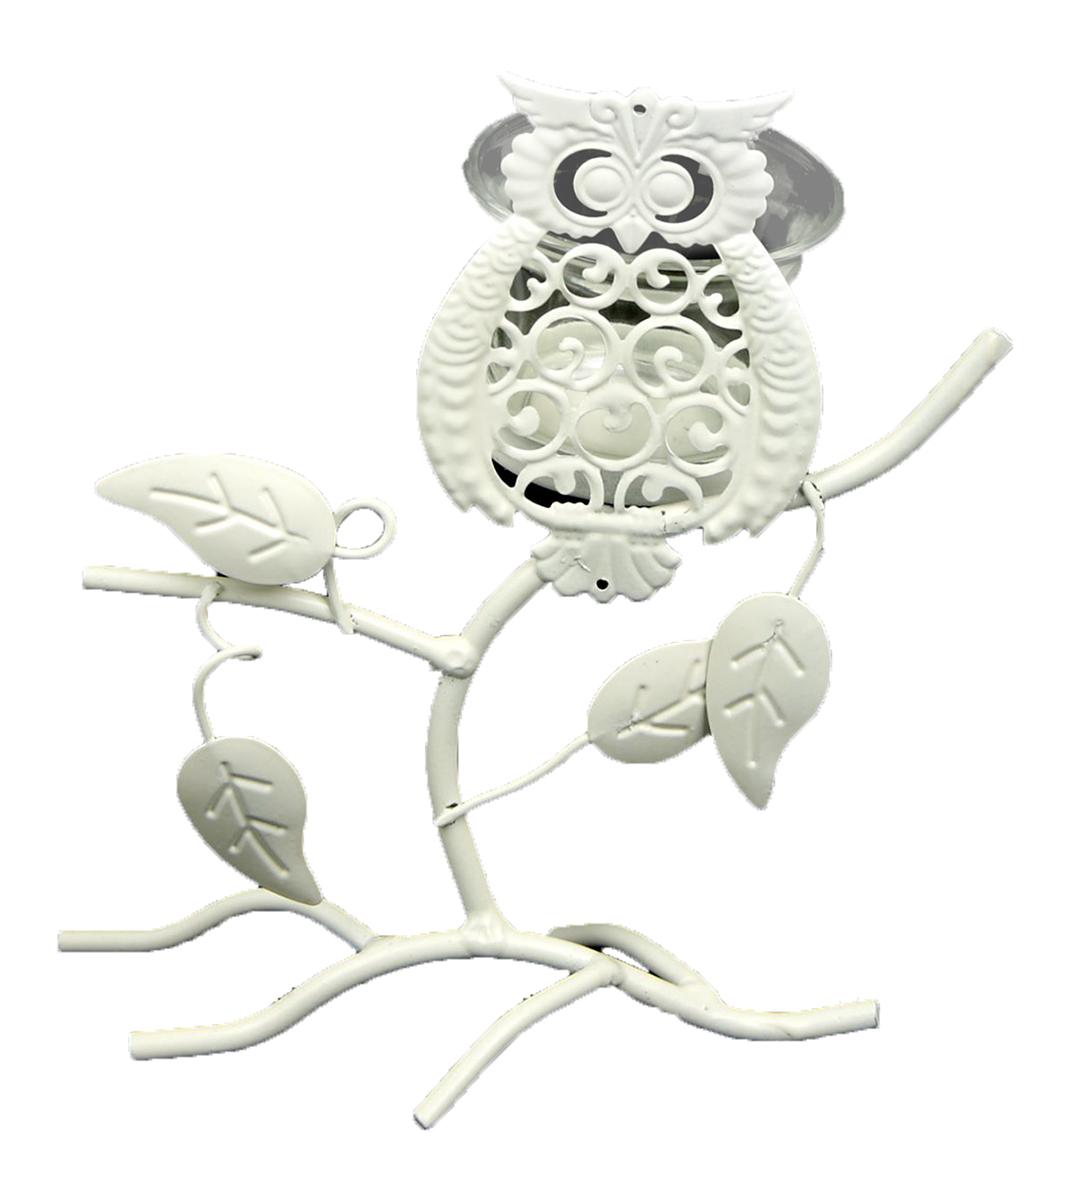 Подсвечник Ажурная сова на дереве, цвет: белый, 9 х 15 х 18 см1902310Изысканный подсвечник станет превосходным подарком и украшением интерьера. Он будет радовать вас и ваших близких, как только вы зажжете свечу. Изделие отлично смотрится на журнальном столике или полочке с книгами.